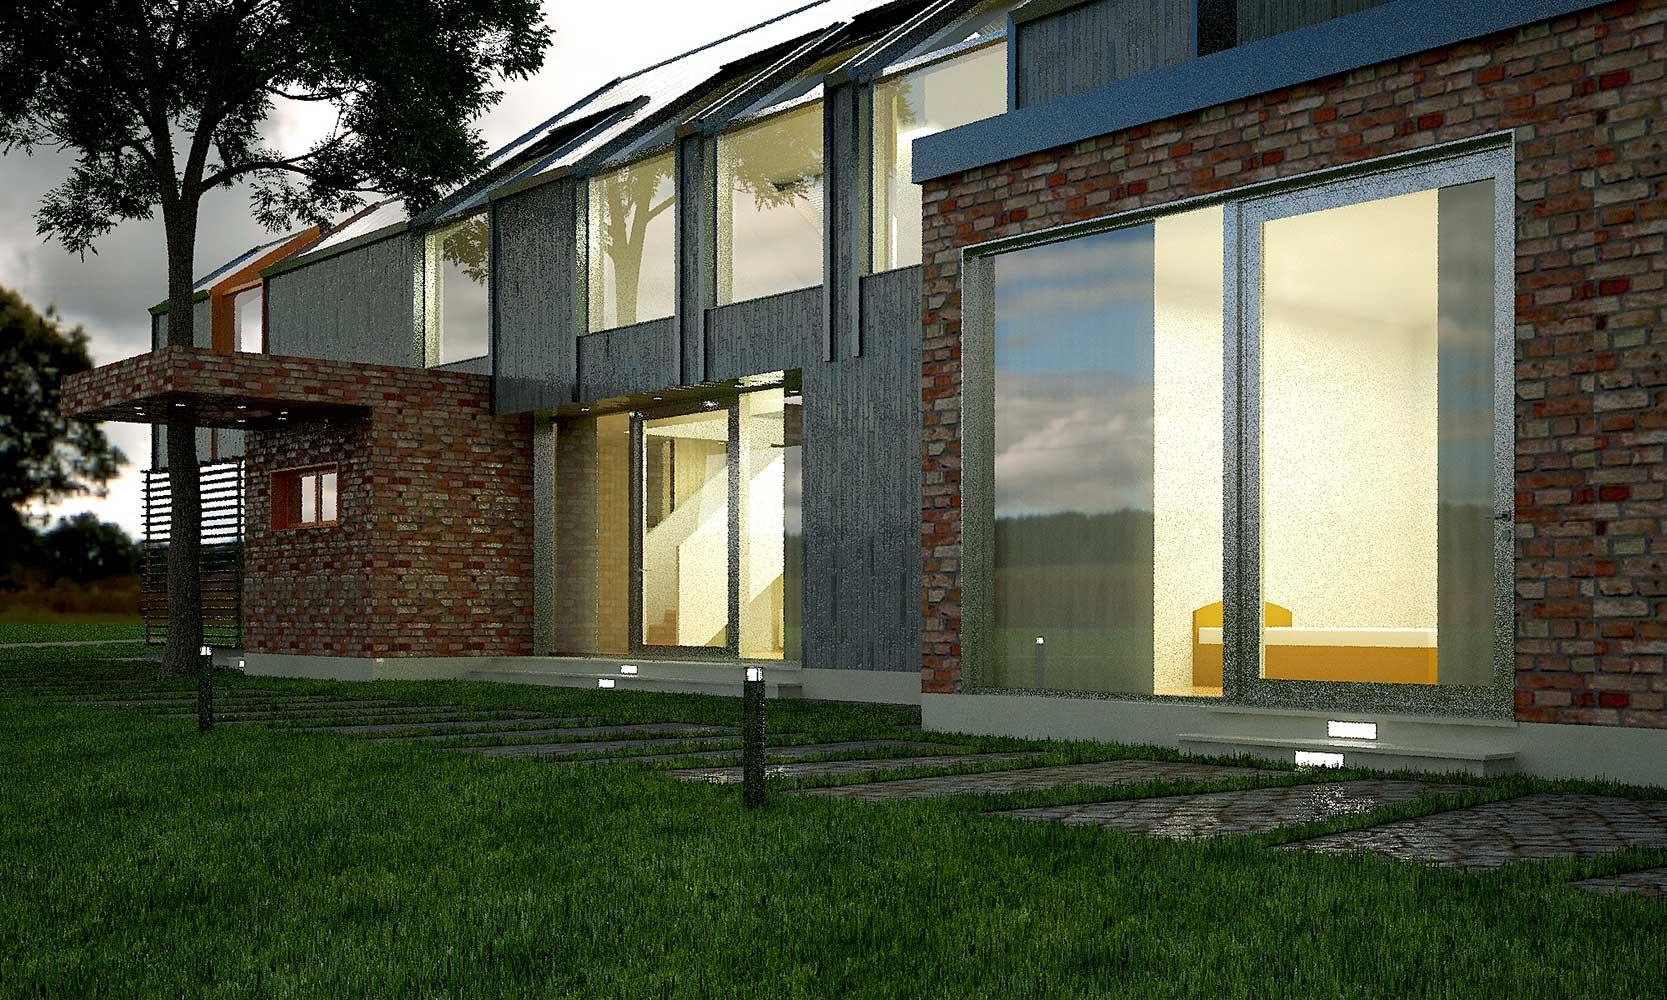 Проектное предложение индивидуального жилого дома (фото 5)